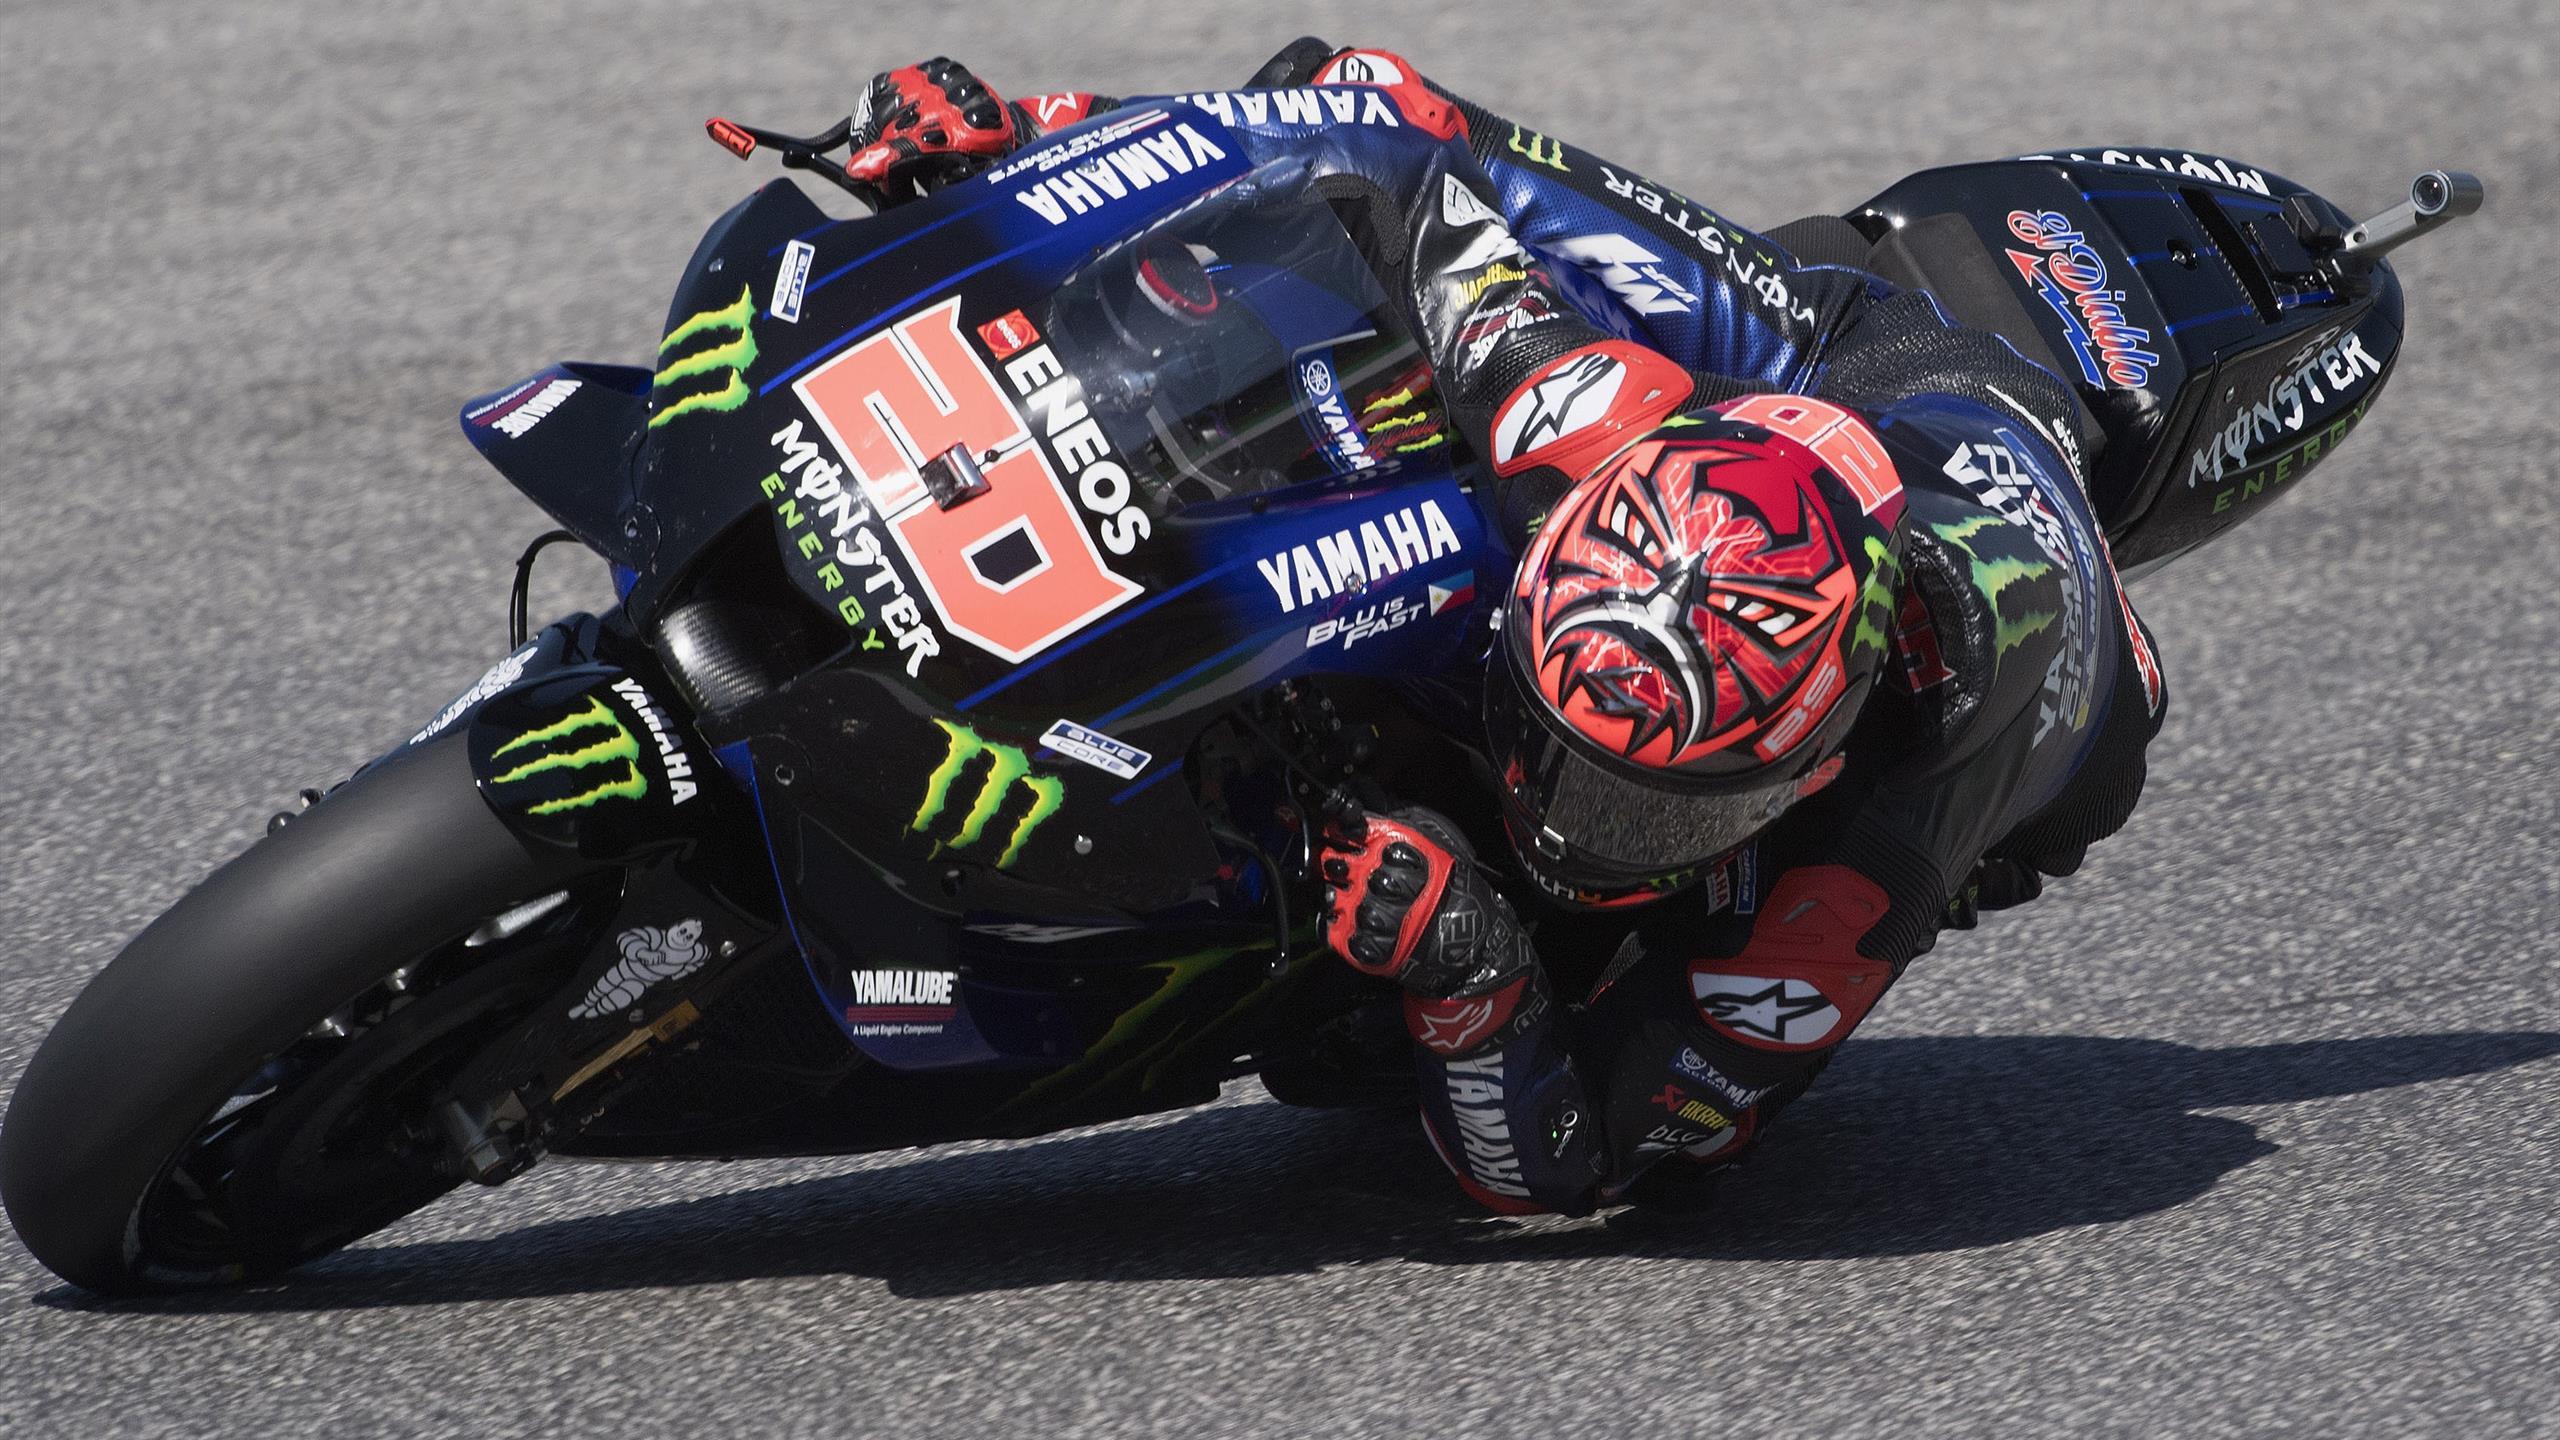 GP d'Italie : Fabio Quartararo (Yamaha) signe la pole et le record du Mugello, Johann Zarco en première ligne